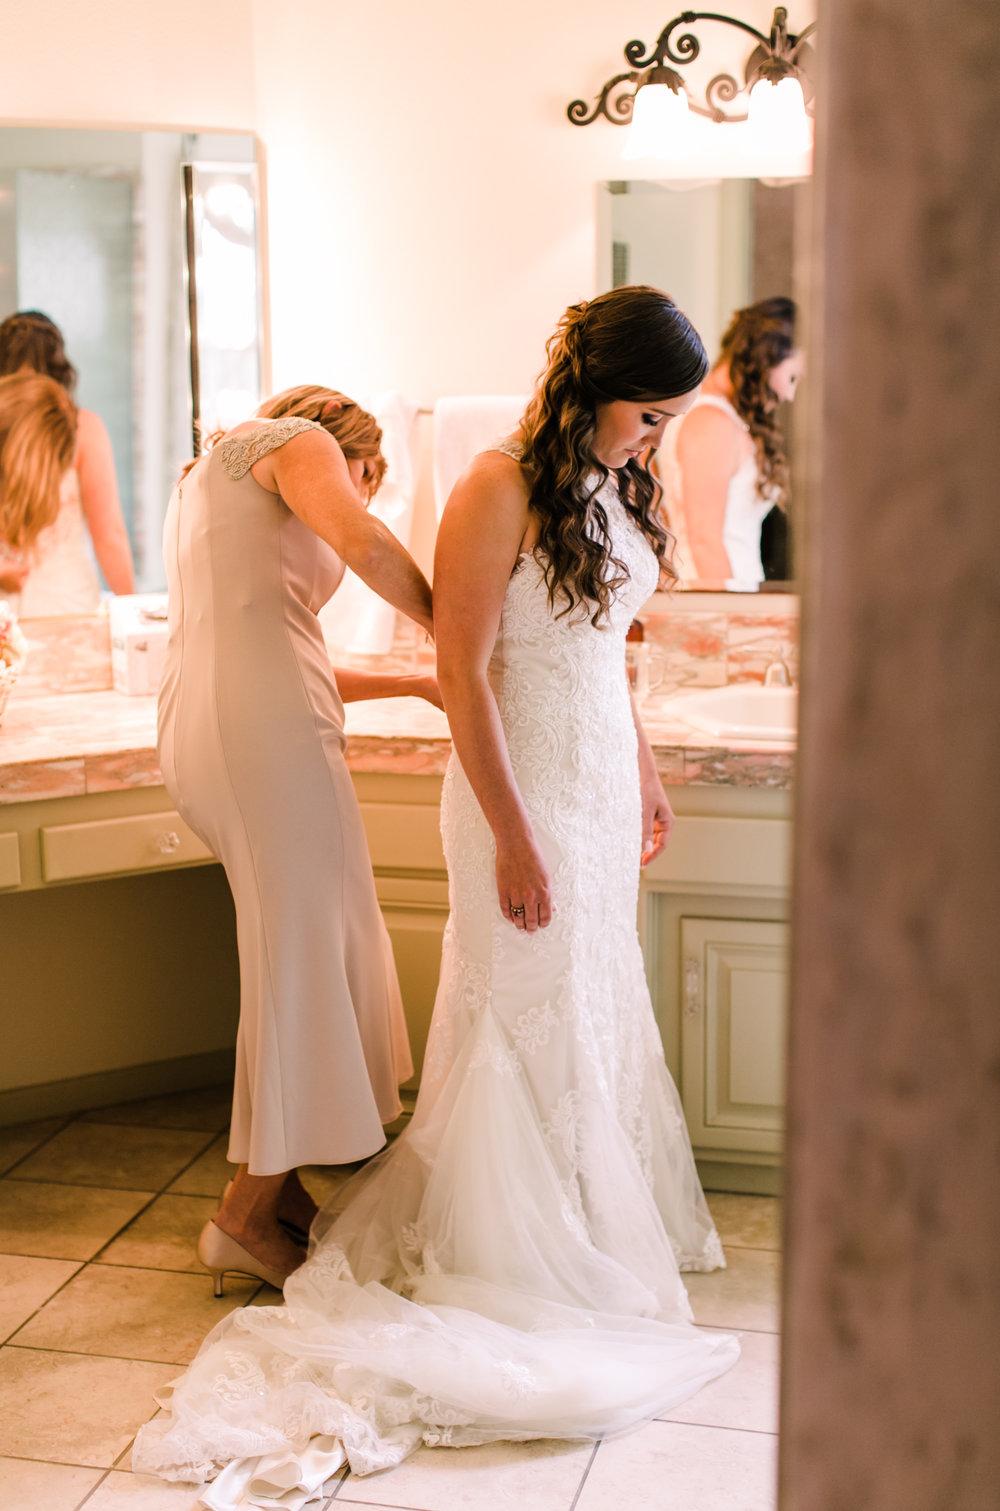 Walsh Wedding, 2018 (32 of 257).jpg